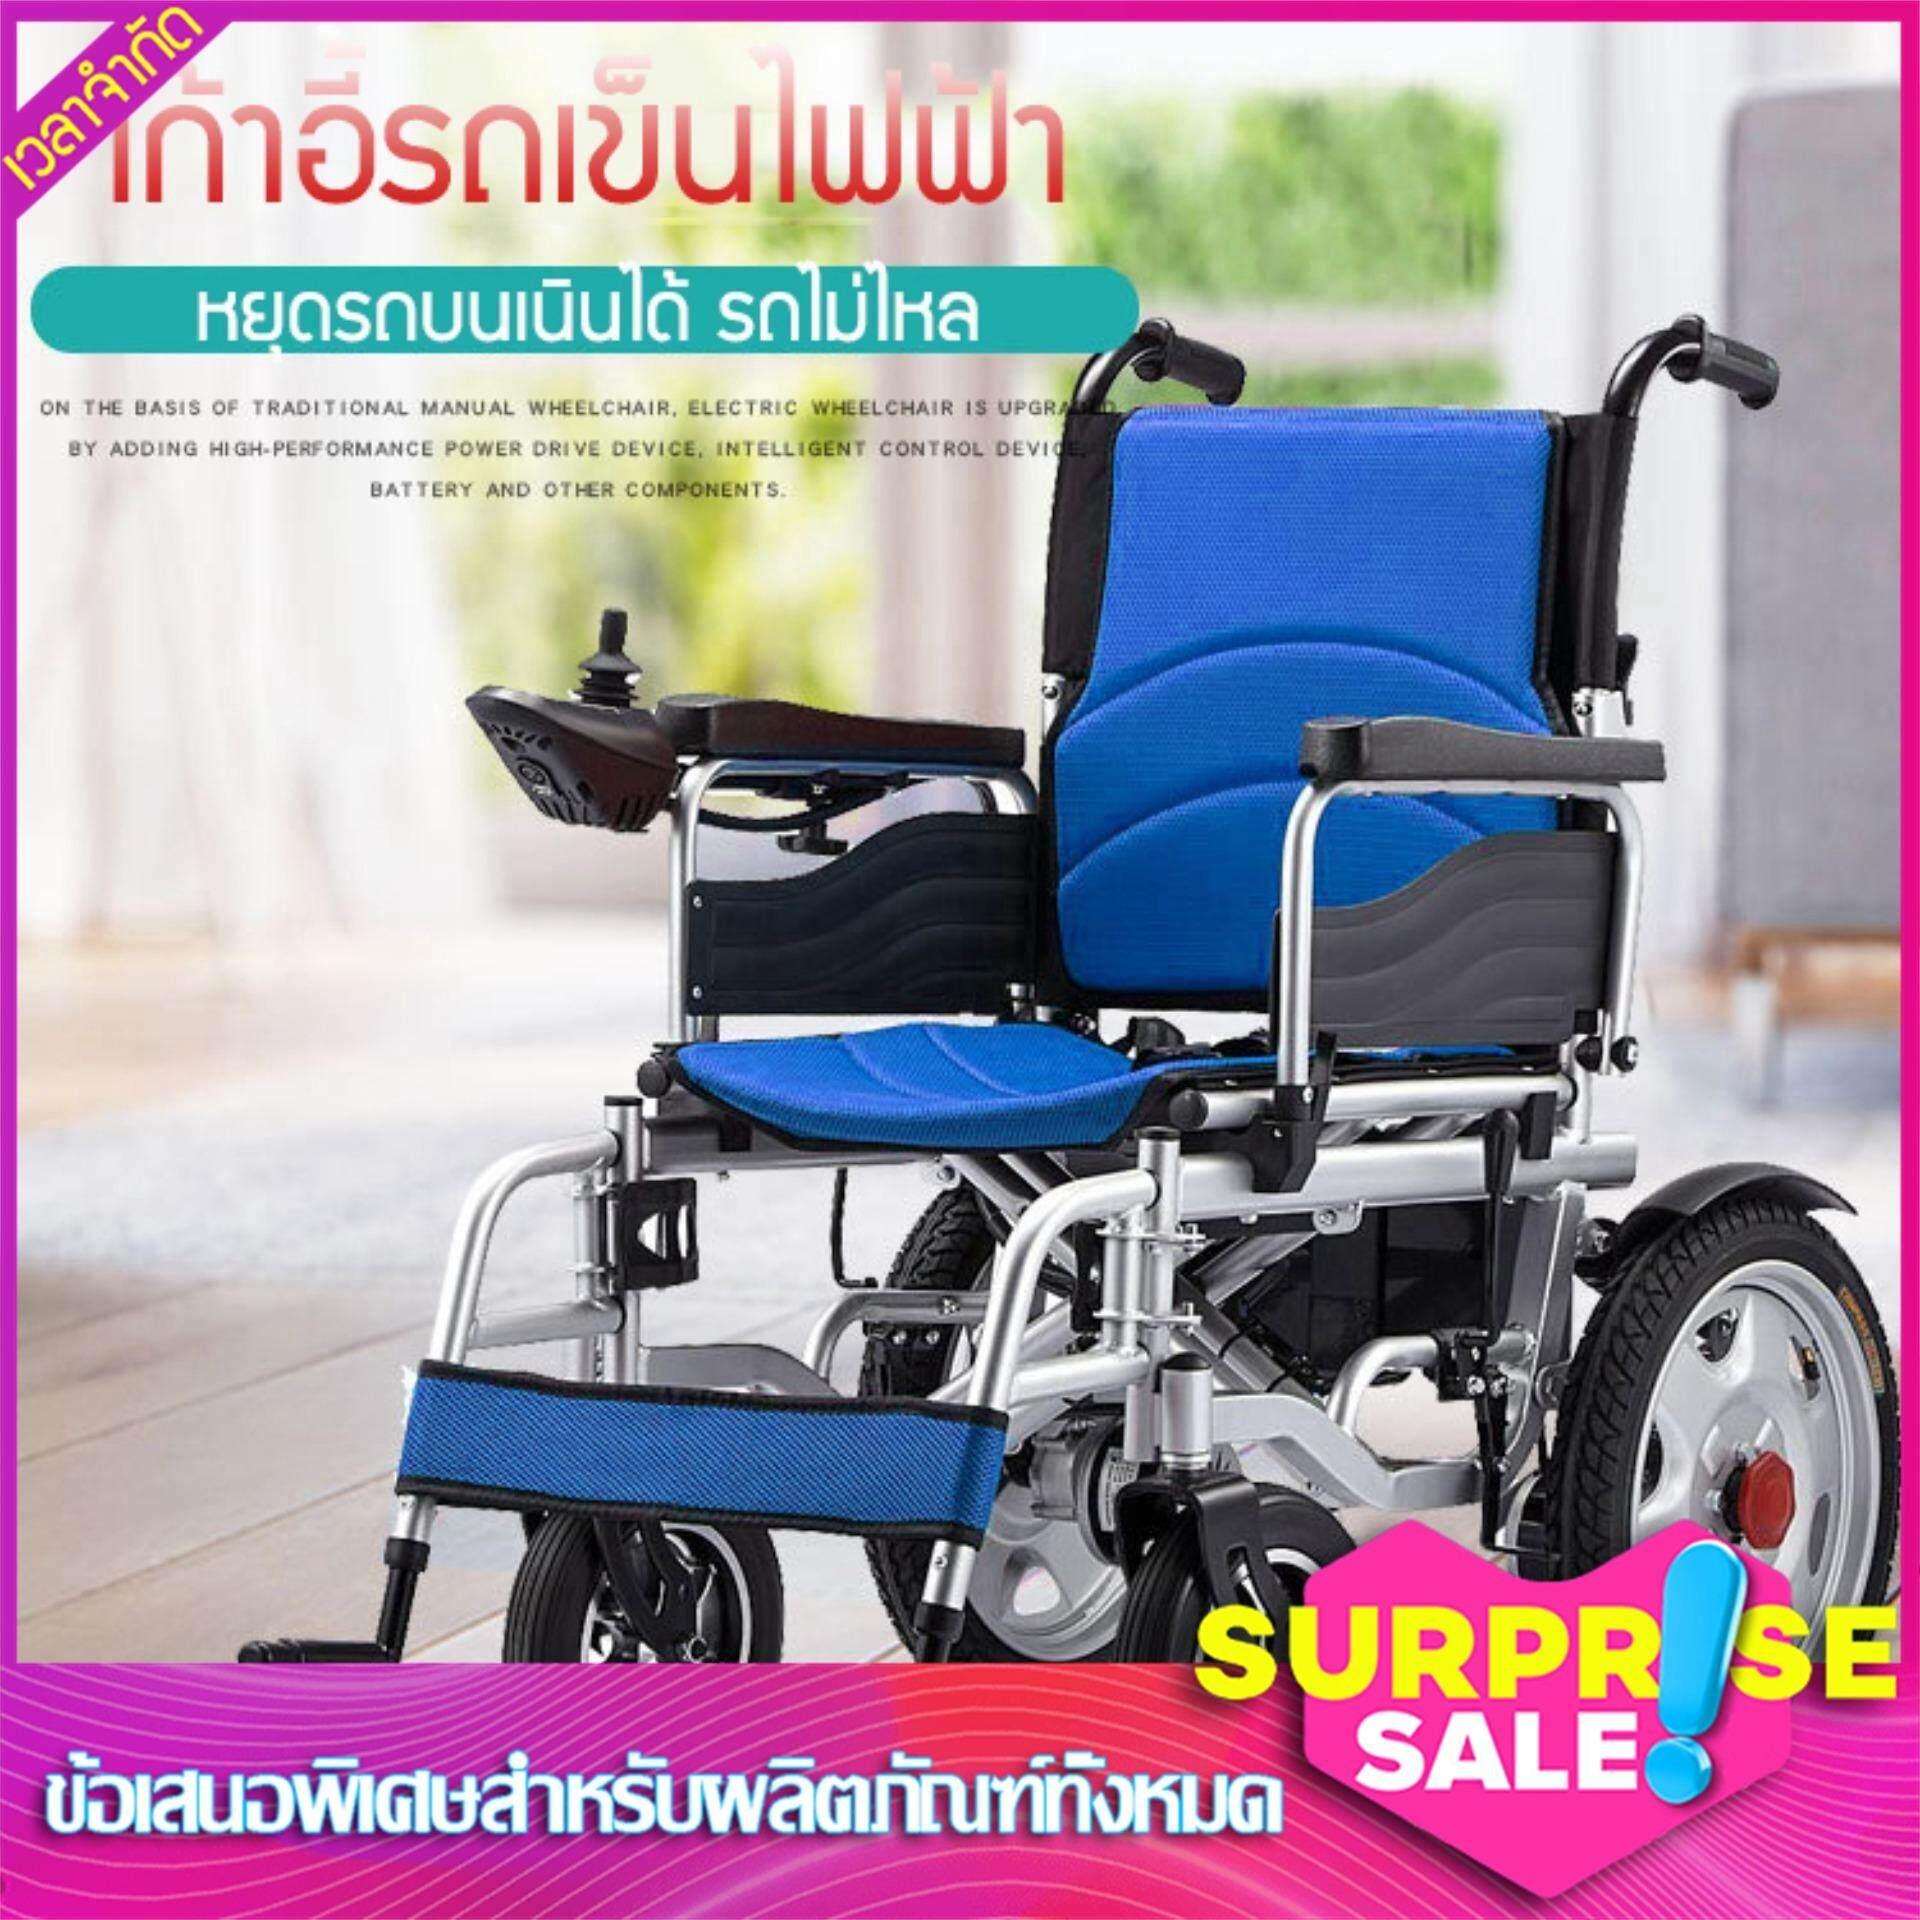 สุดยอดสินค้า!! เก้าอี้รถเข็นไฟฟ้า Wheelchair รถเข็นผู้ป่วย รถเข็นผู้สูงอายุ มือคอนโทรลได้ มีเบรคมือ ล้อหนา แข็งเเรง ปลอดภัย แบต2ก้อน Fashion Girl